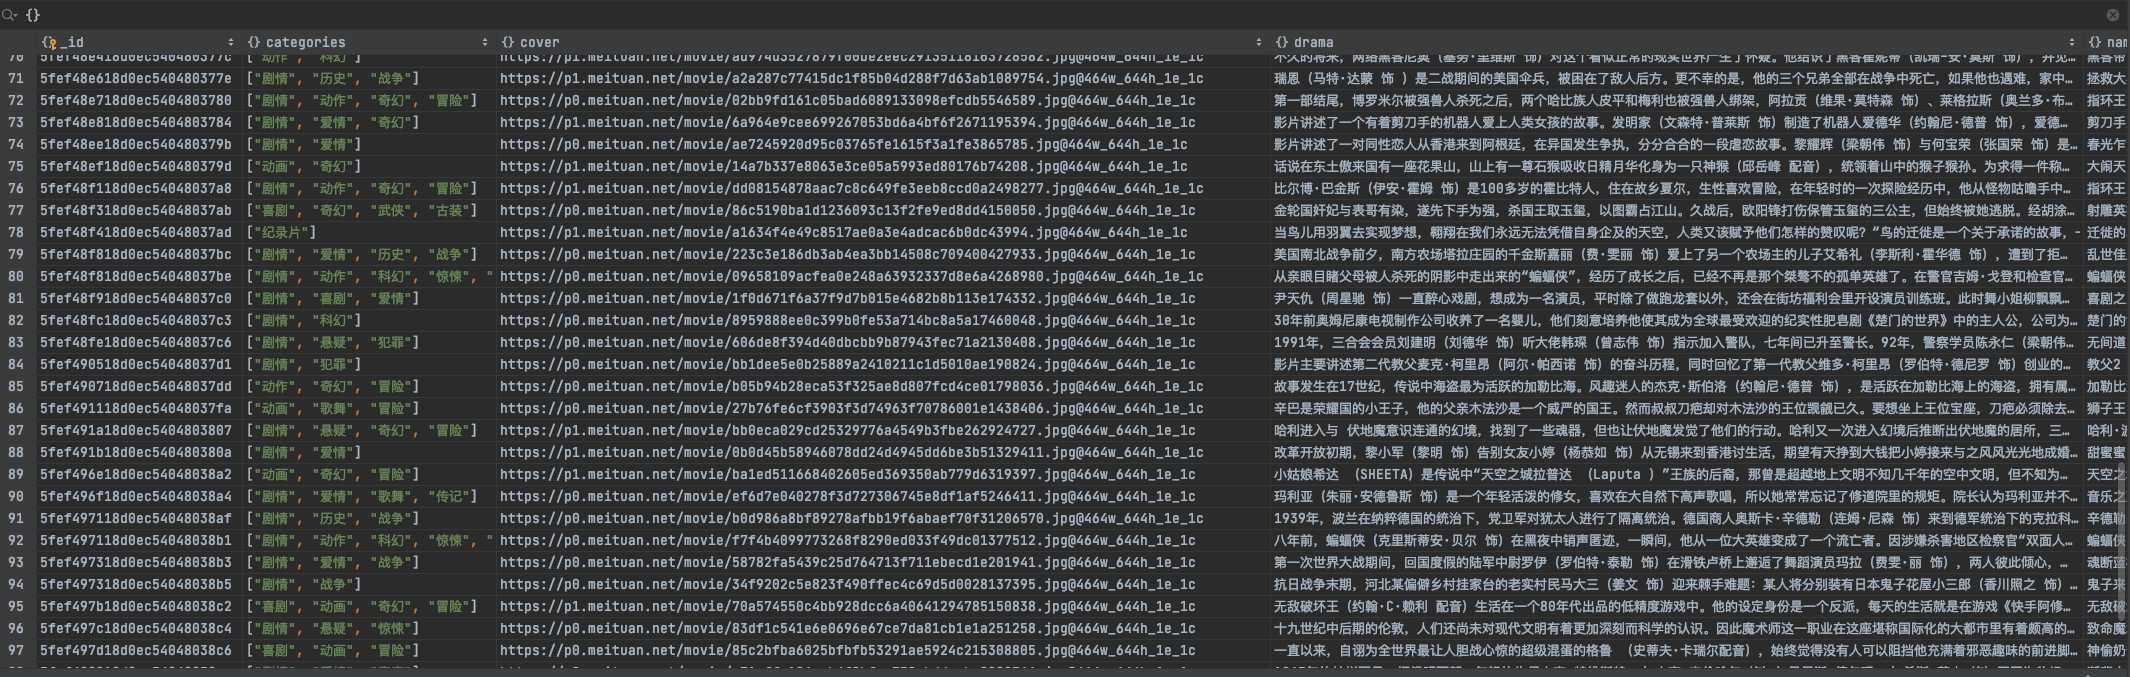 requests+PyQuery+pymongo联合实战